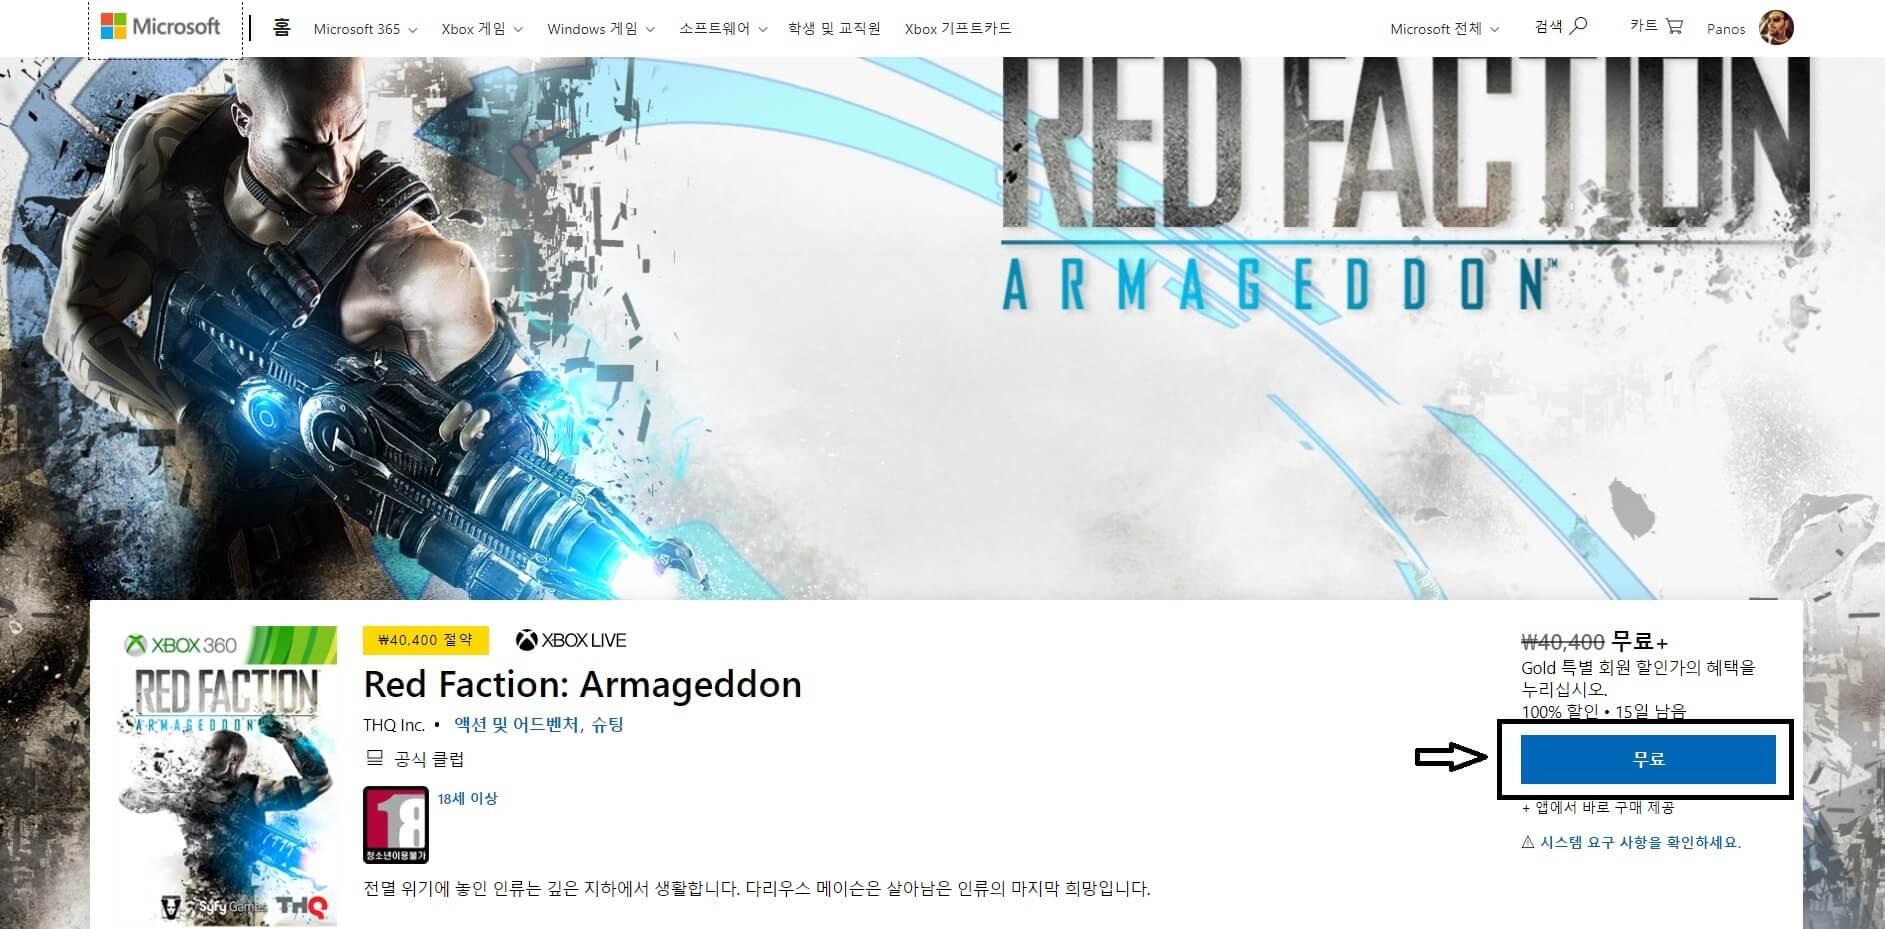 Αποκτήστε εντελώς δωρεάν το Red Faction: Armageddon από τα Κορεάτικα Games with Gold